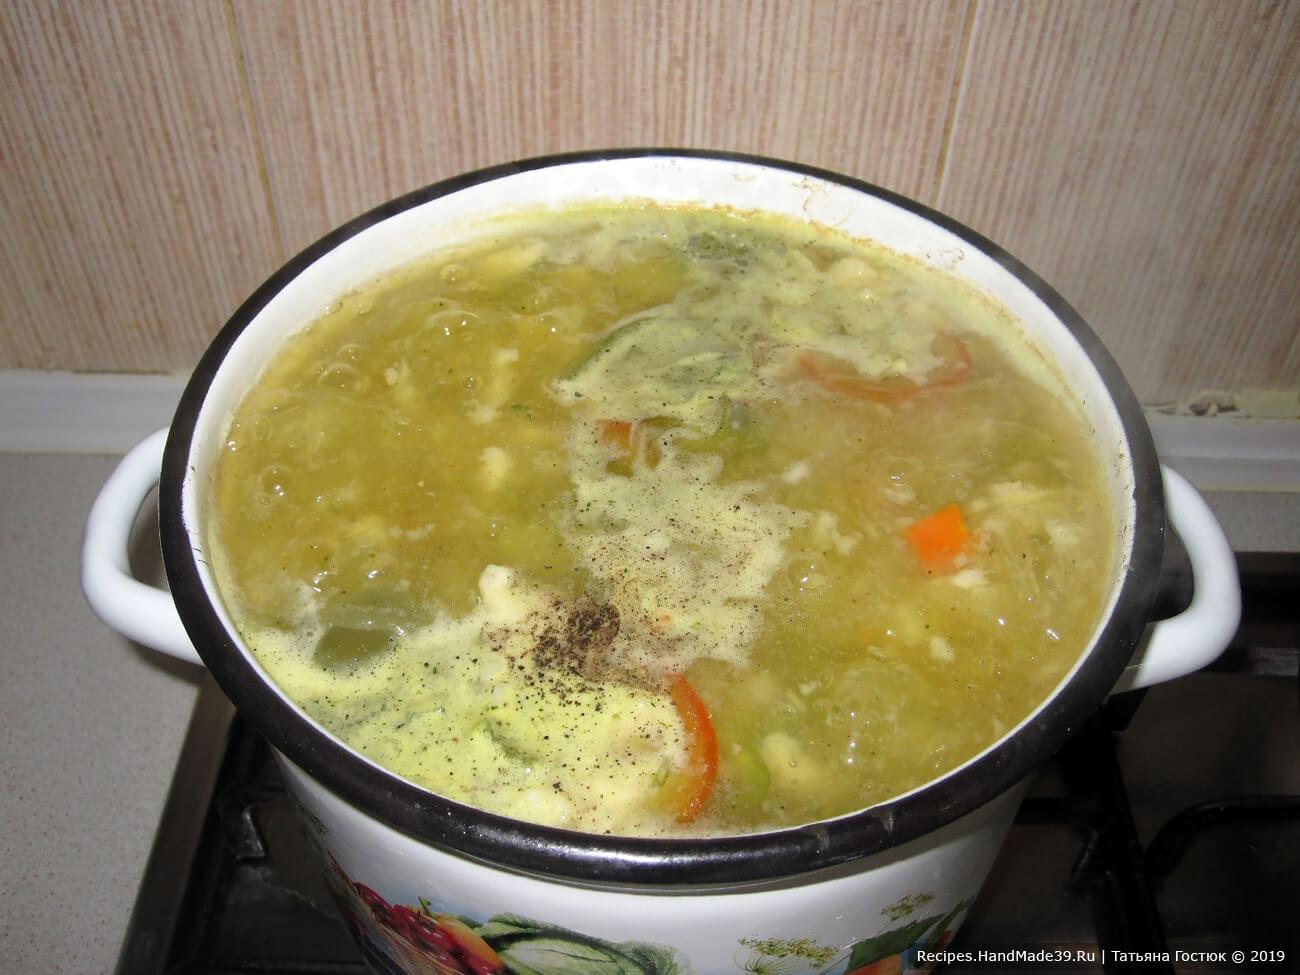 Добавляем мелко покрошенный перец (я использовала замороженный), варим ещё минут 10, затем добавляем по вкусу соль, перец, зелень, накрываем крышкой и даём затирушке настояться